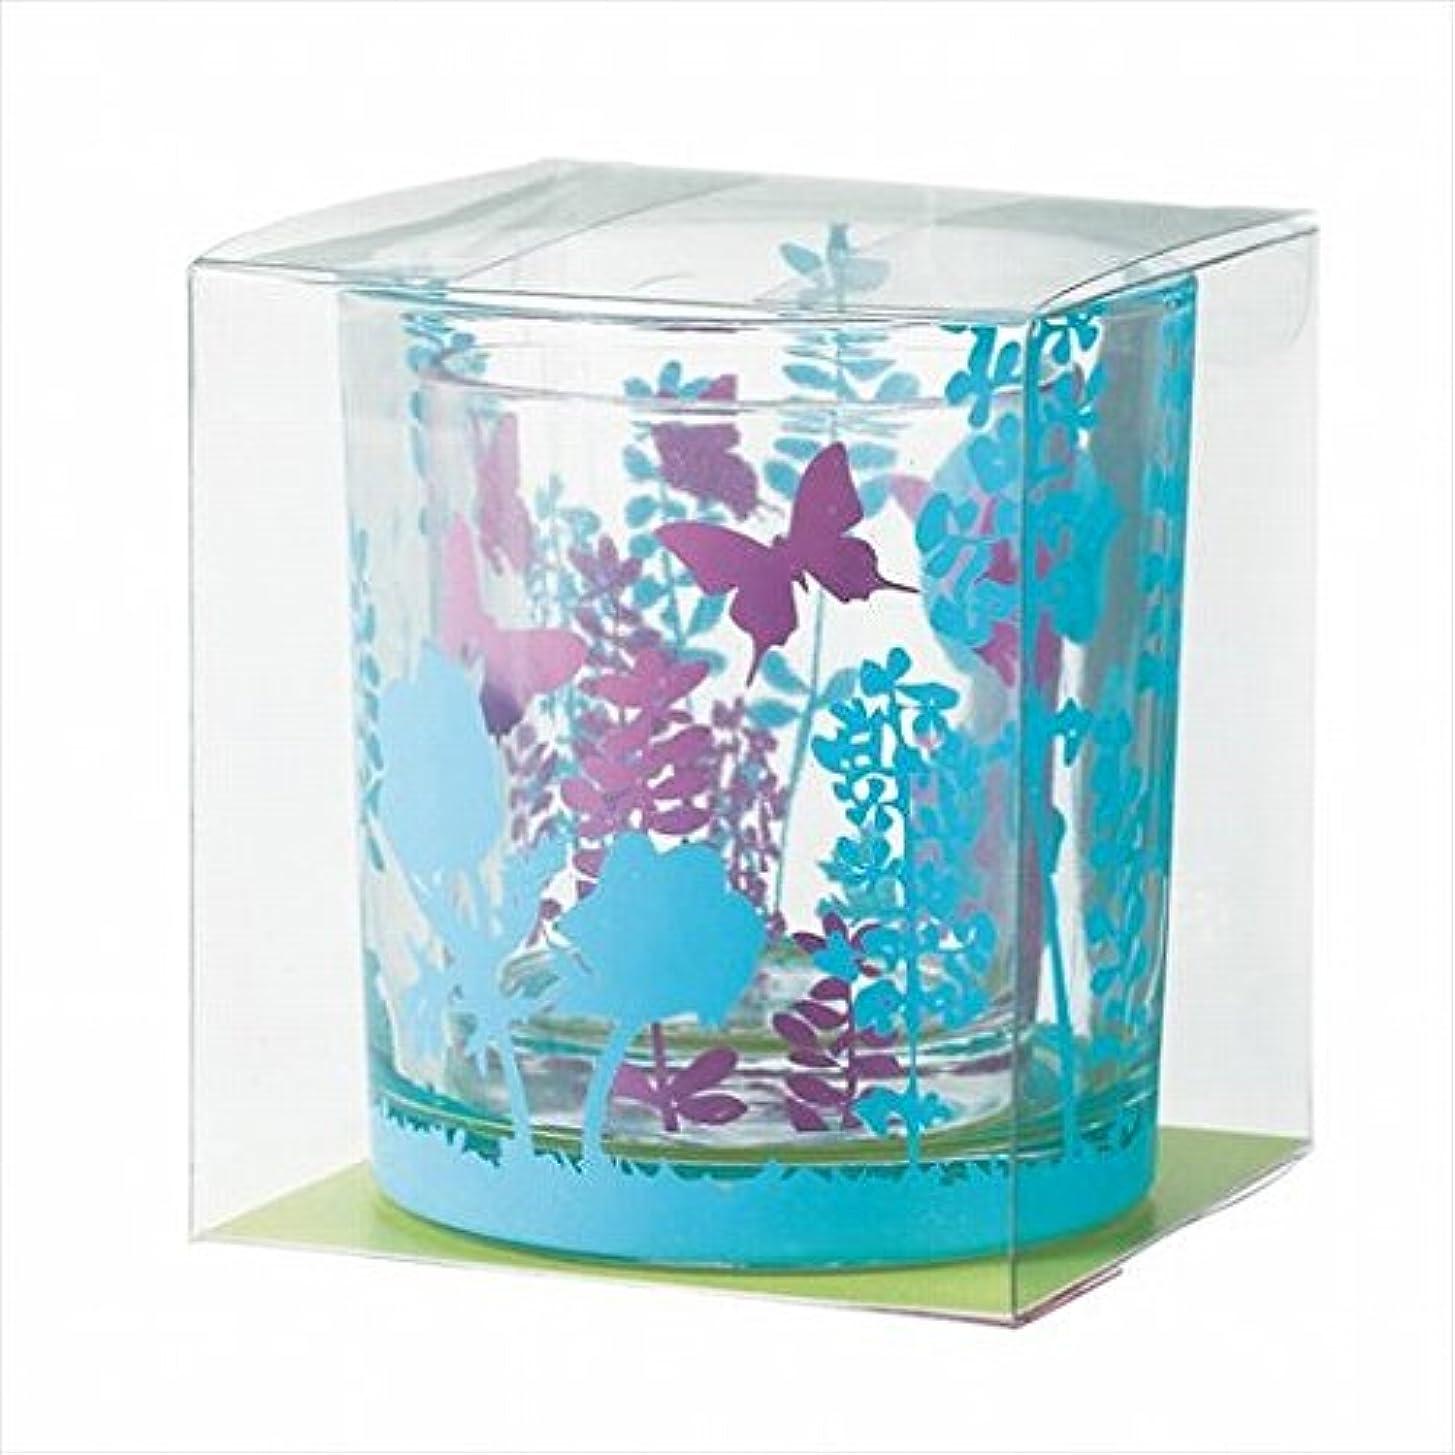 センチメートル抑制言うまでもなくカメヤマキャンドル(kameyama candle) ブルーミングデュエットグラス 「 クールカラー 」